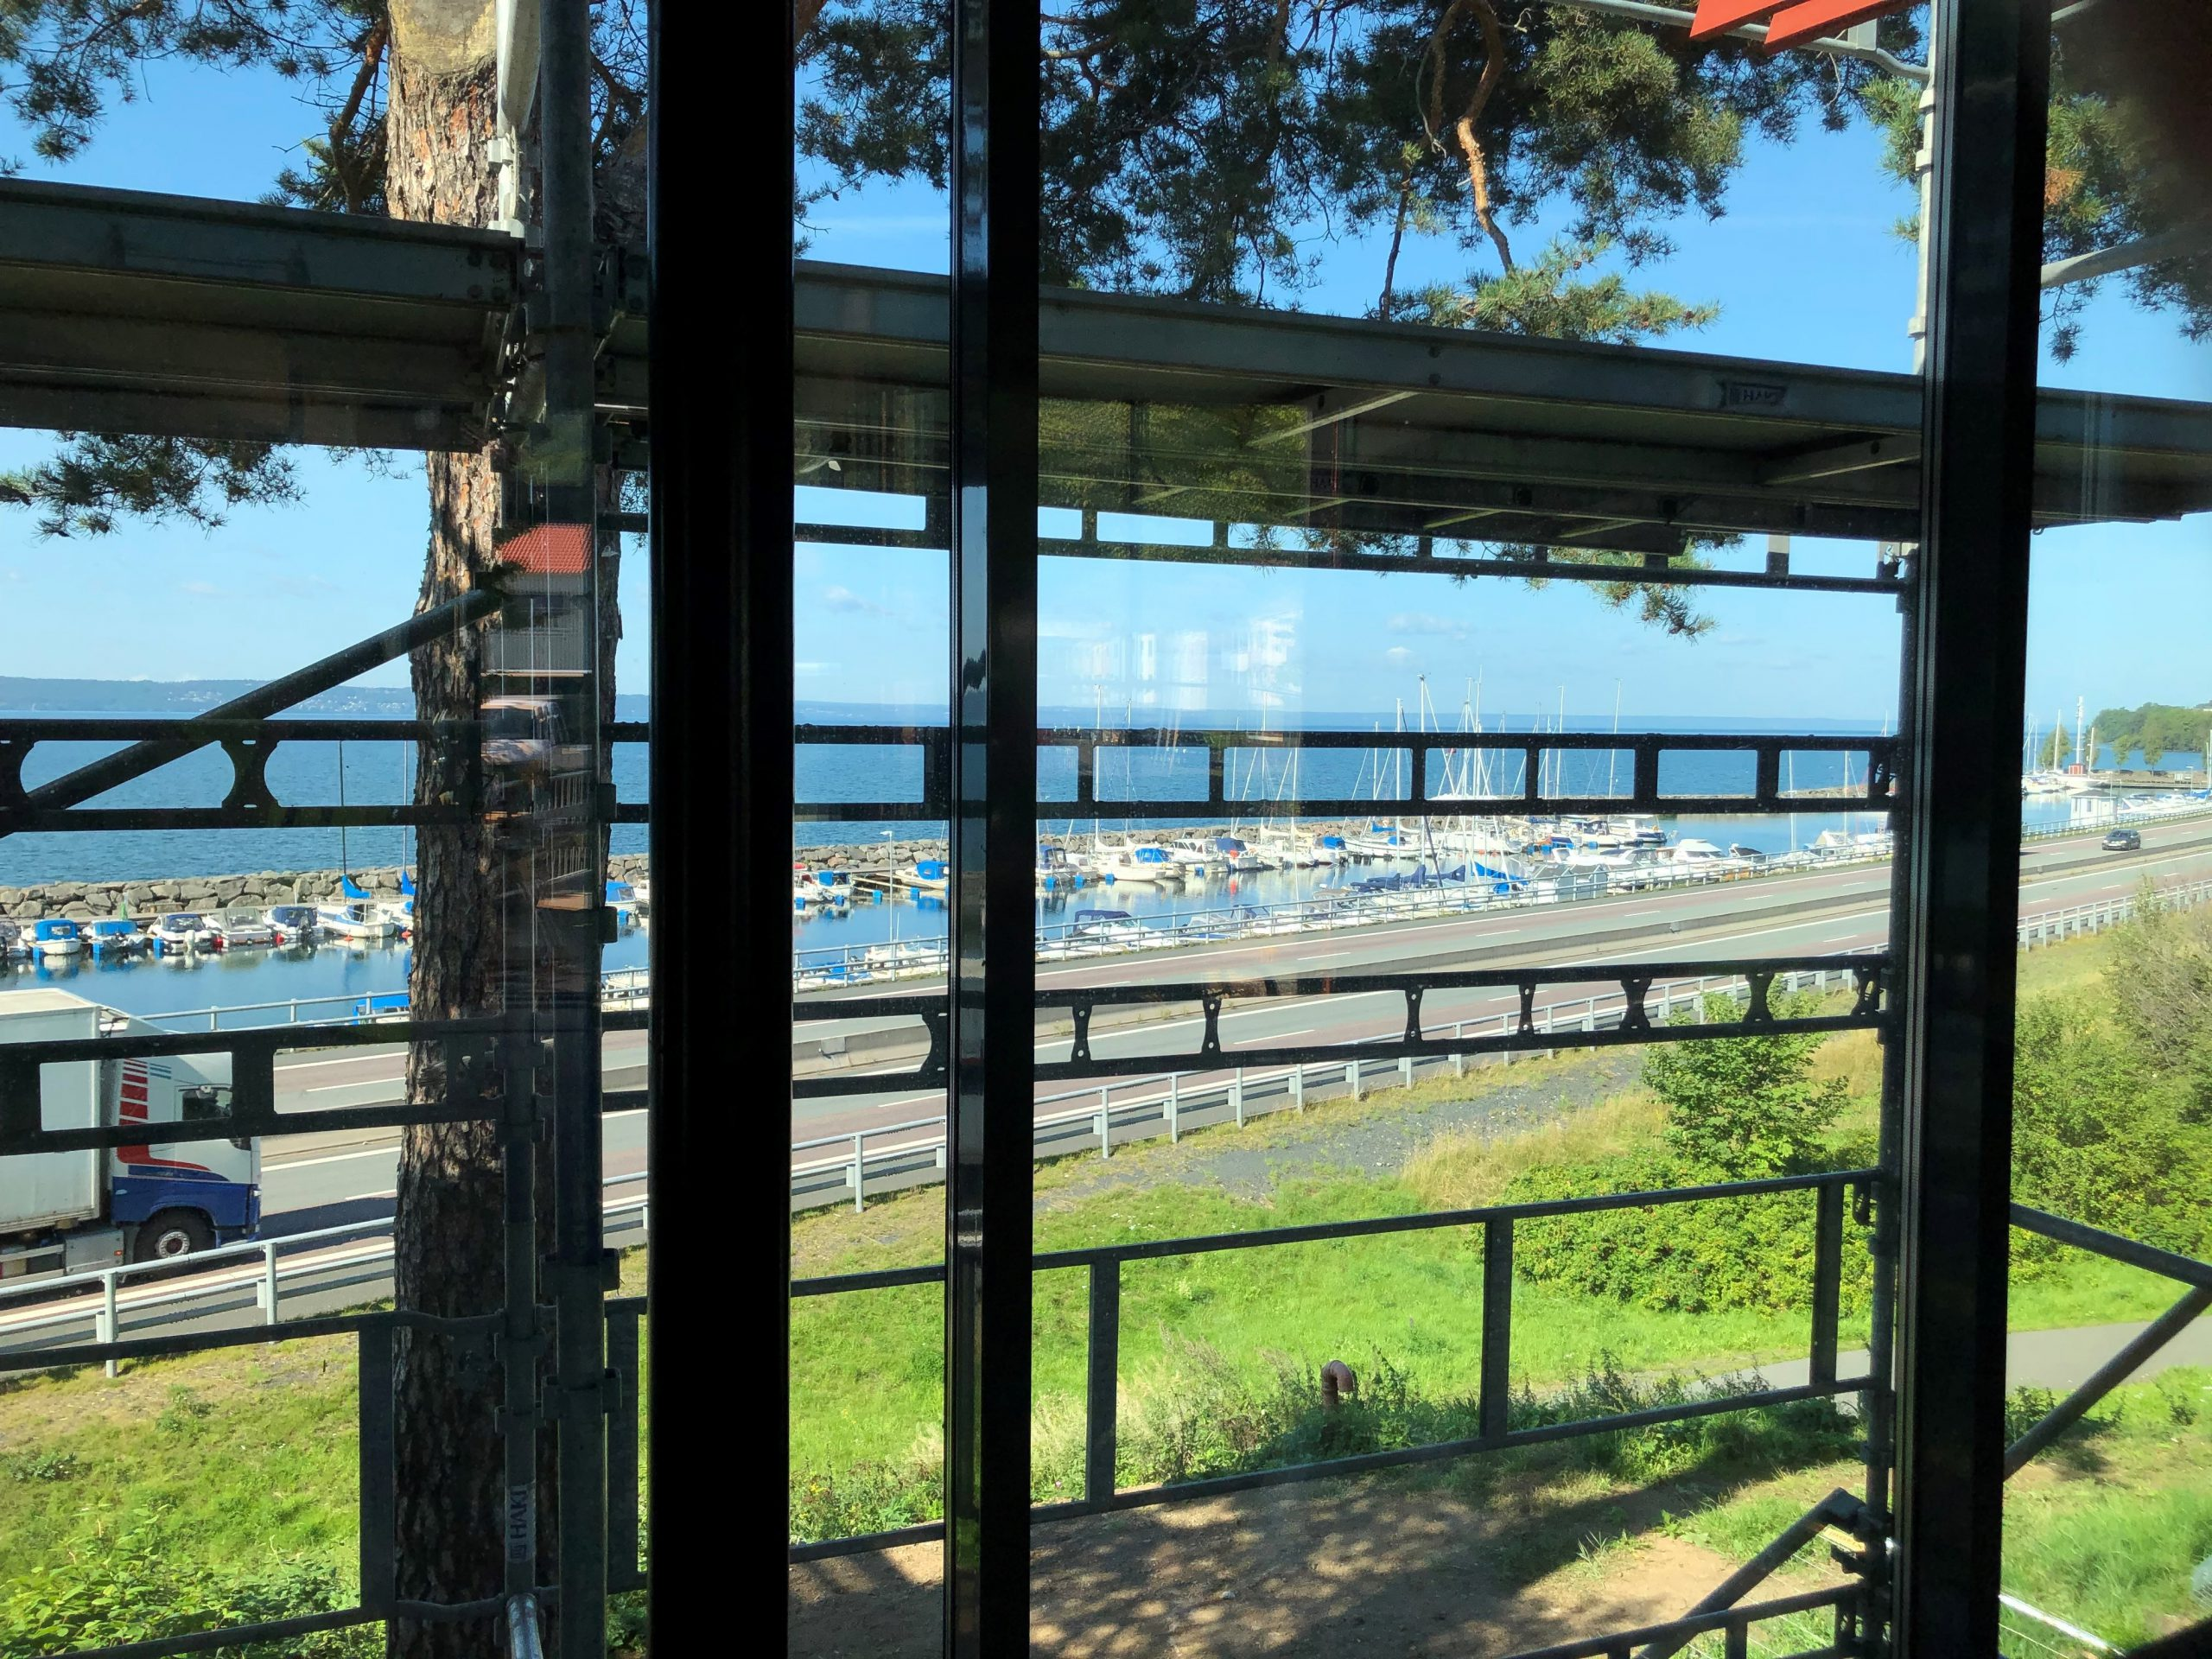 Utsikt från restaurangen Kroatorpet